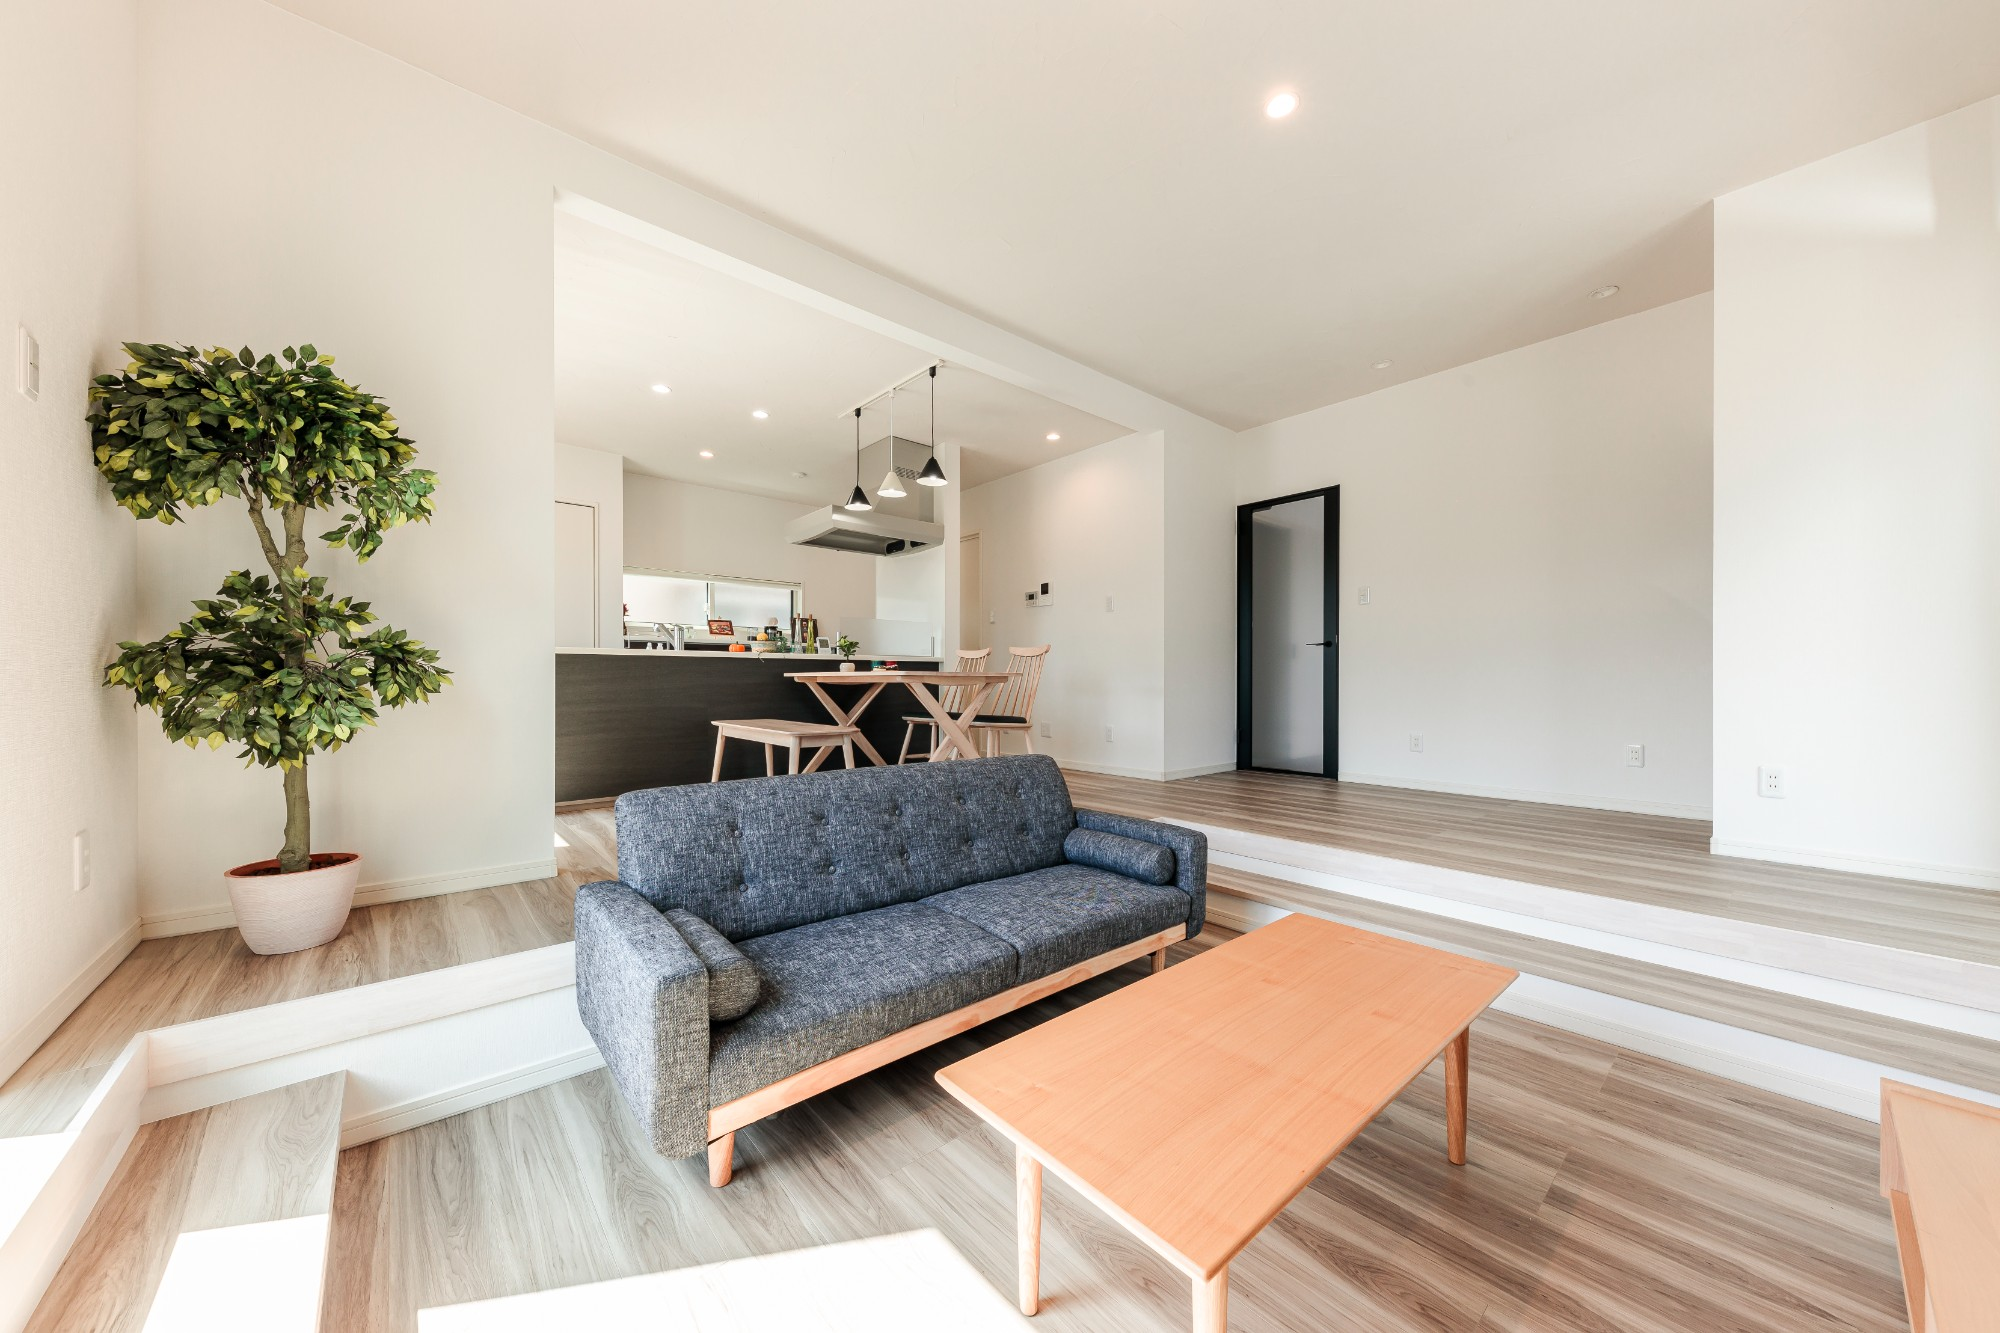 ロクワの家【株式会社 小野組 ライフビルダーグループ】「赴く暮らし」の実例写真